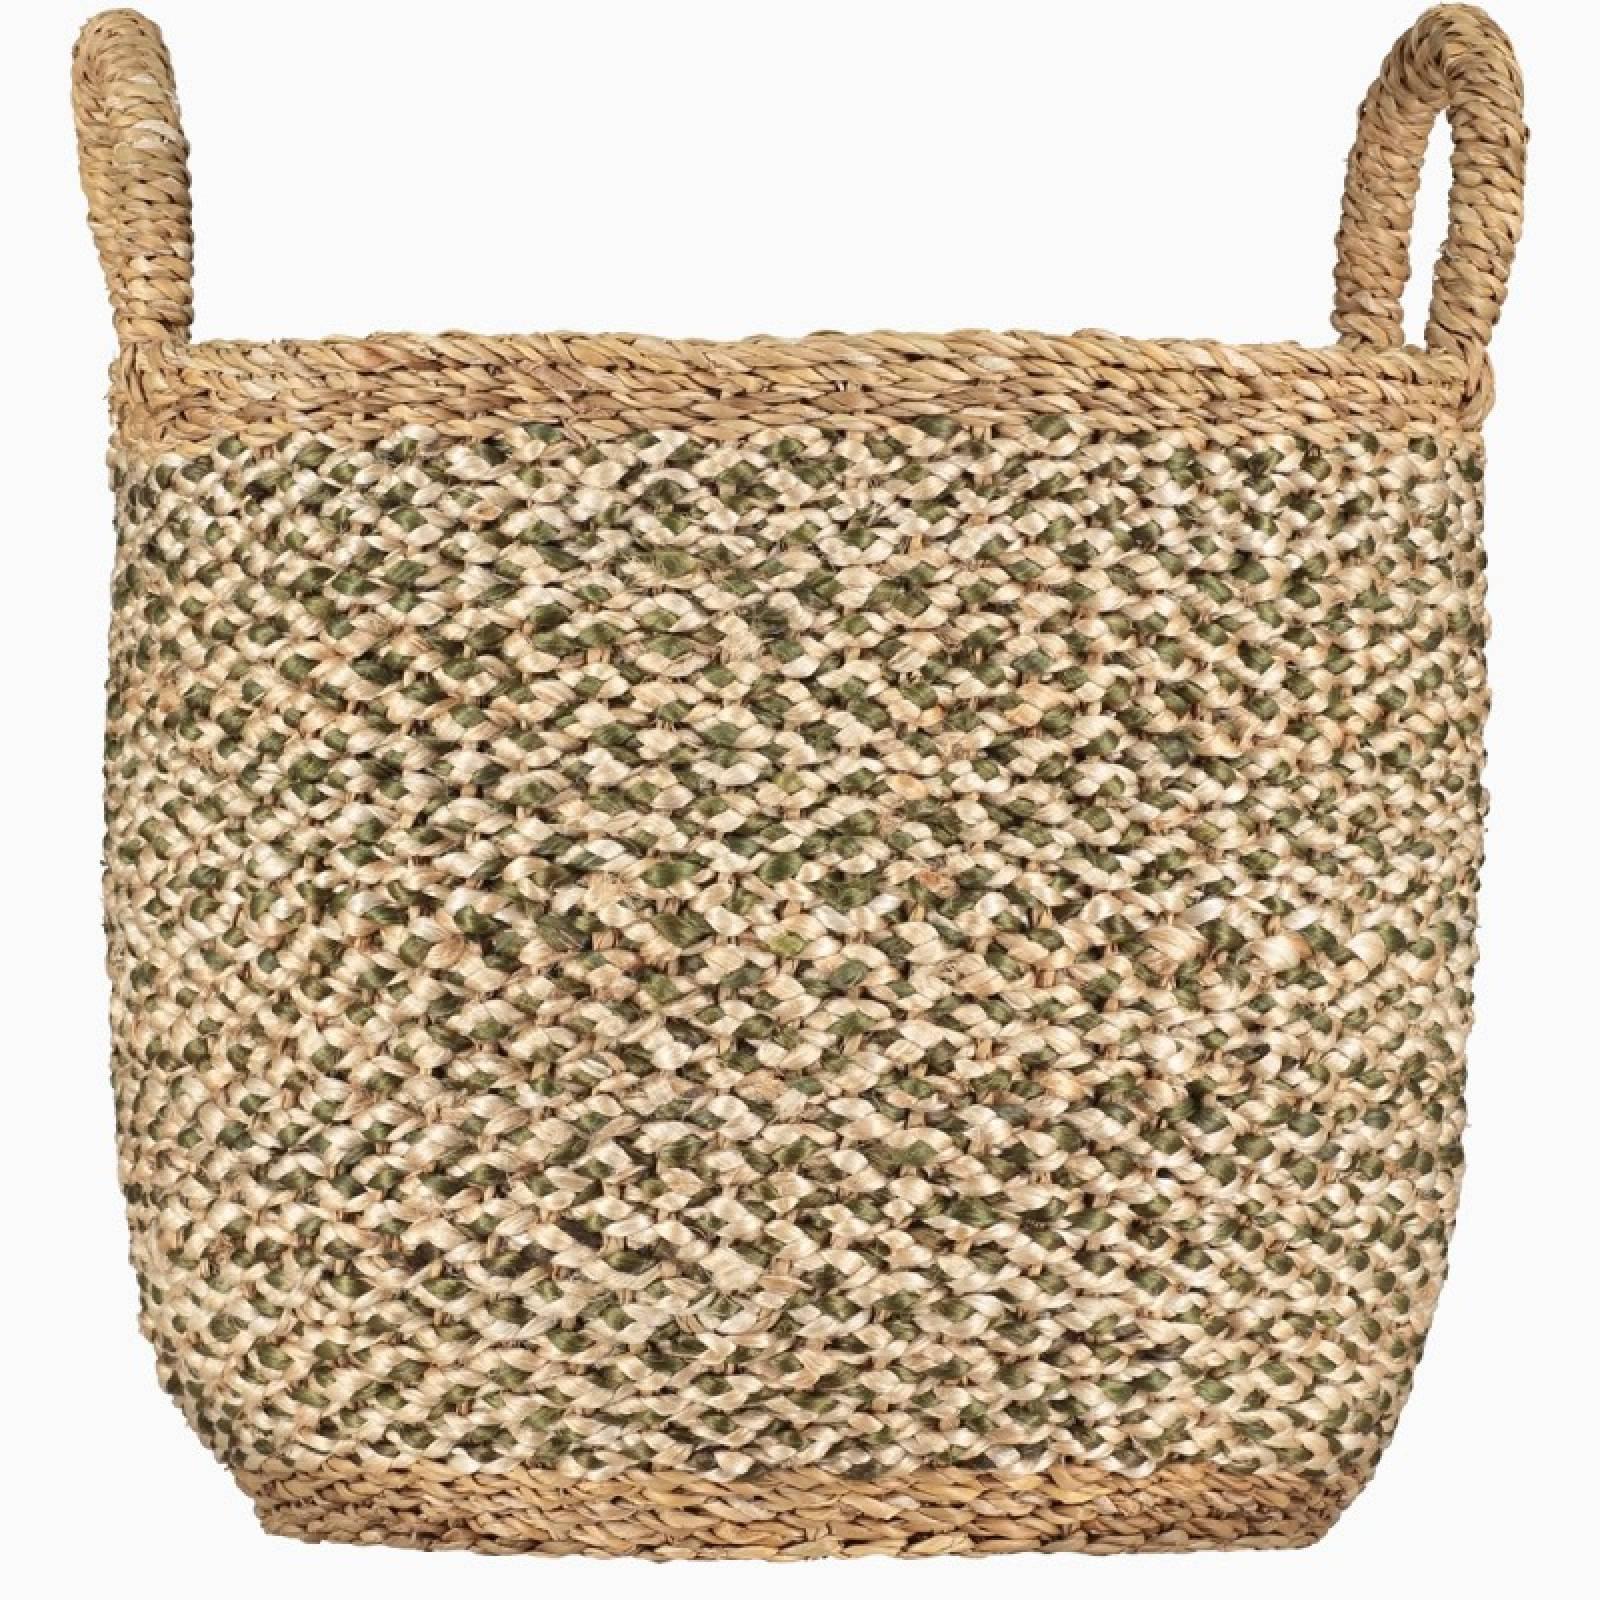 Village Basket Olive & Natural With Natural Handles 33x29cm